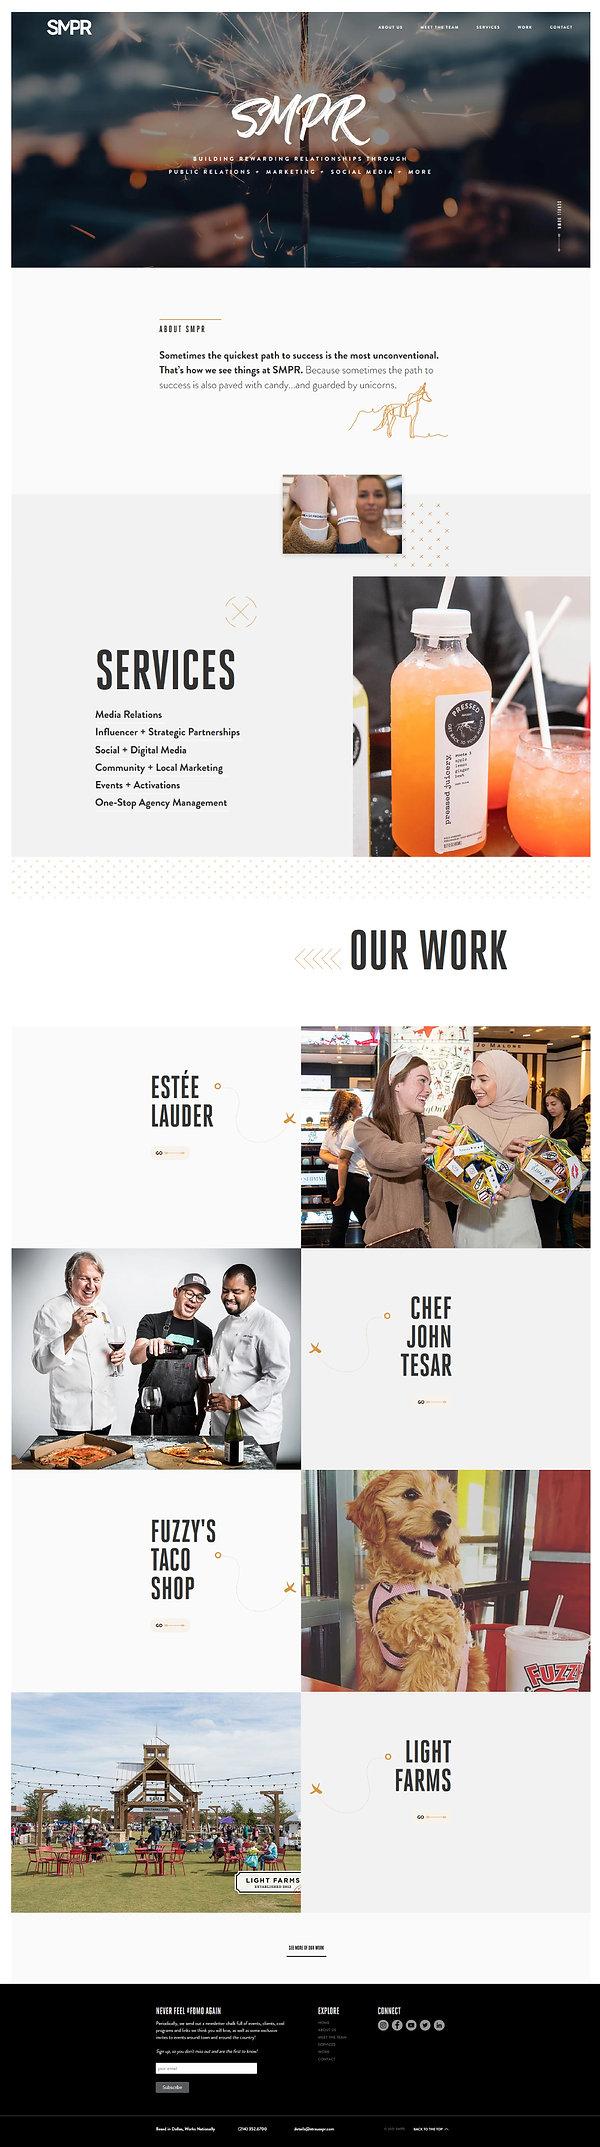 home-page-of-smpr-website-on-desktop-des